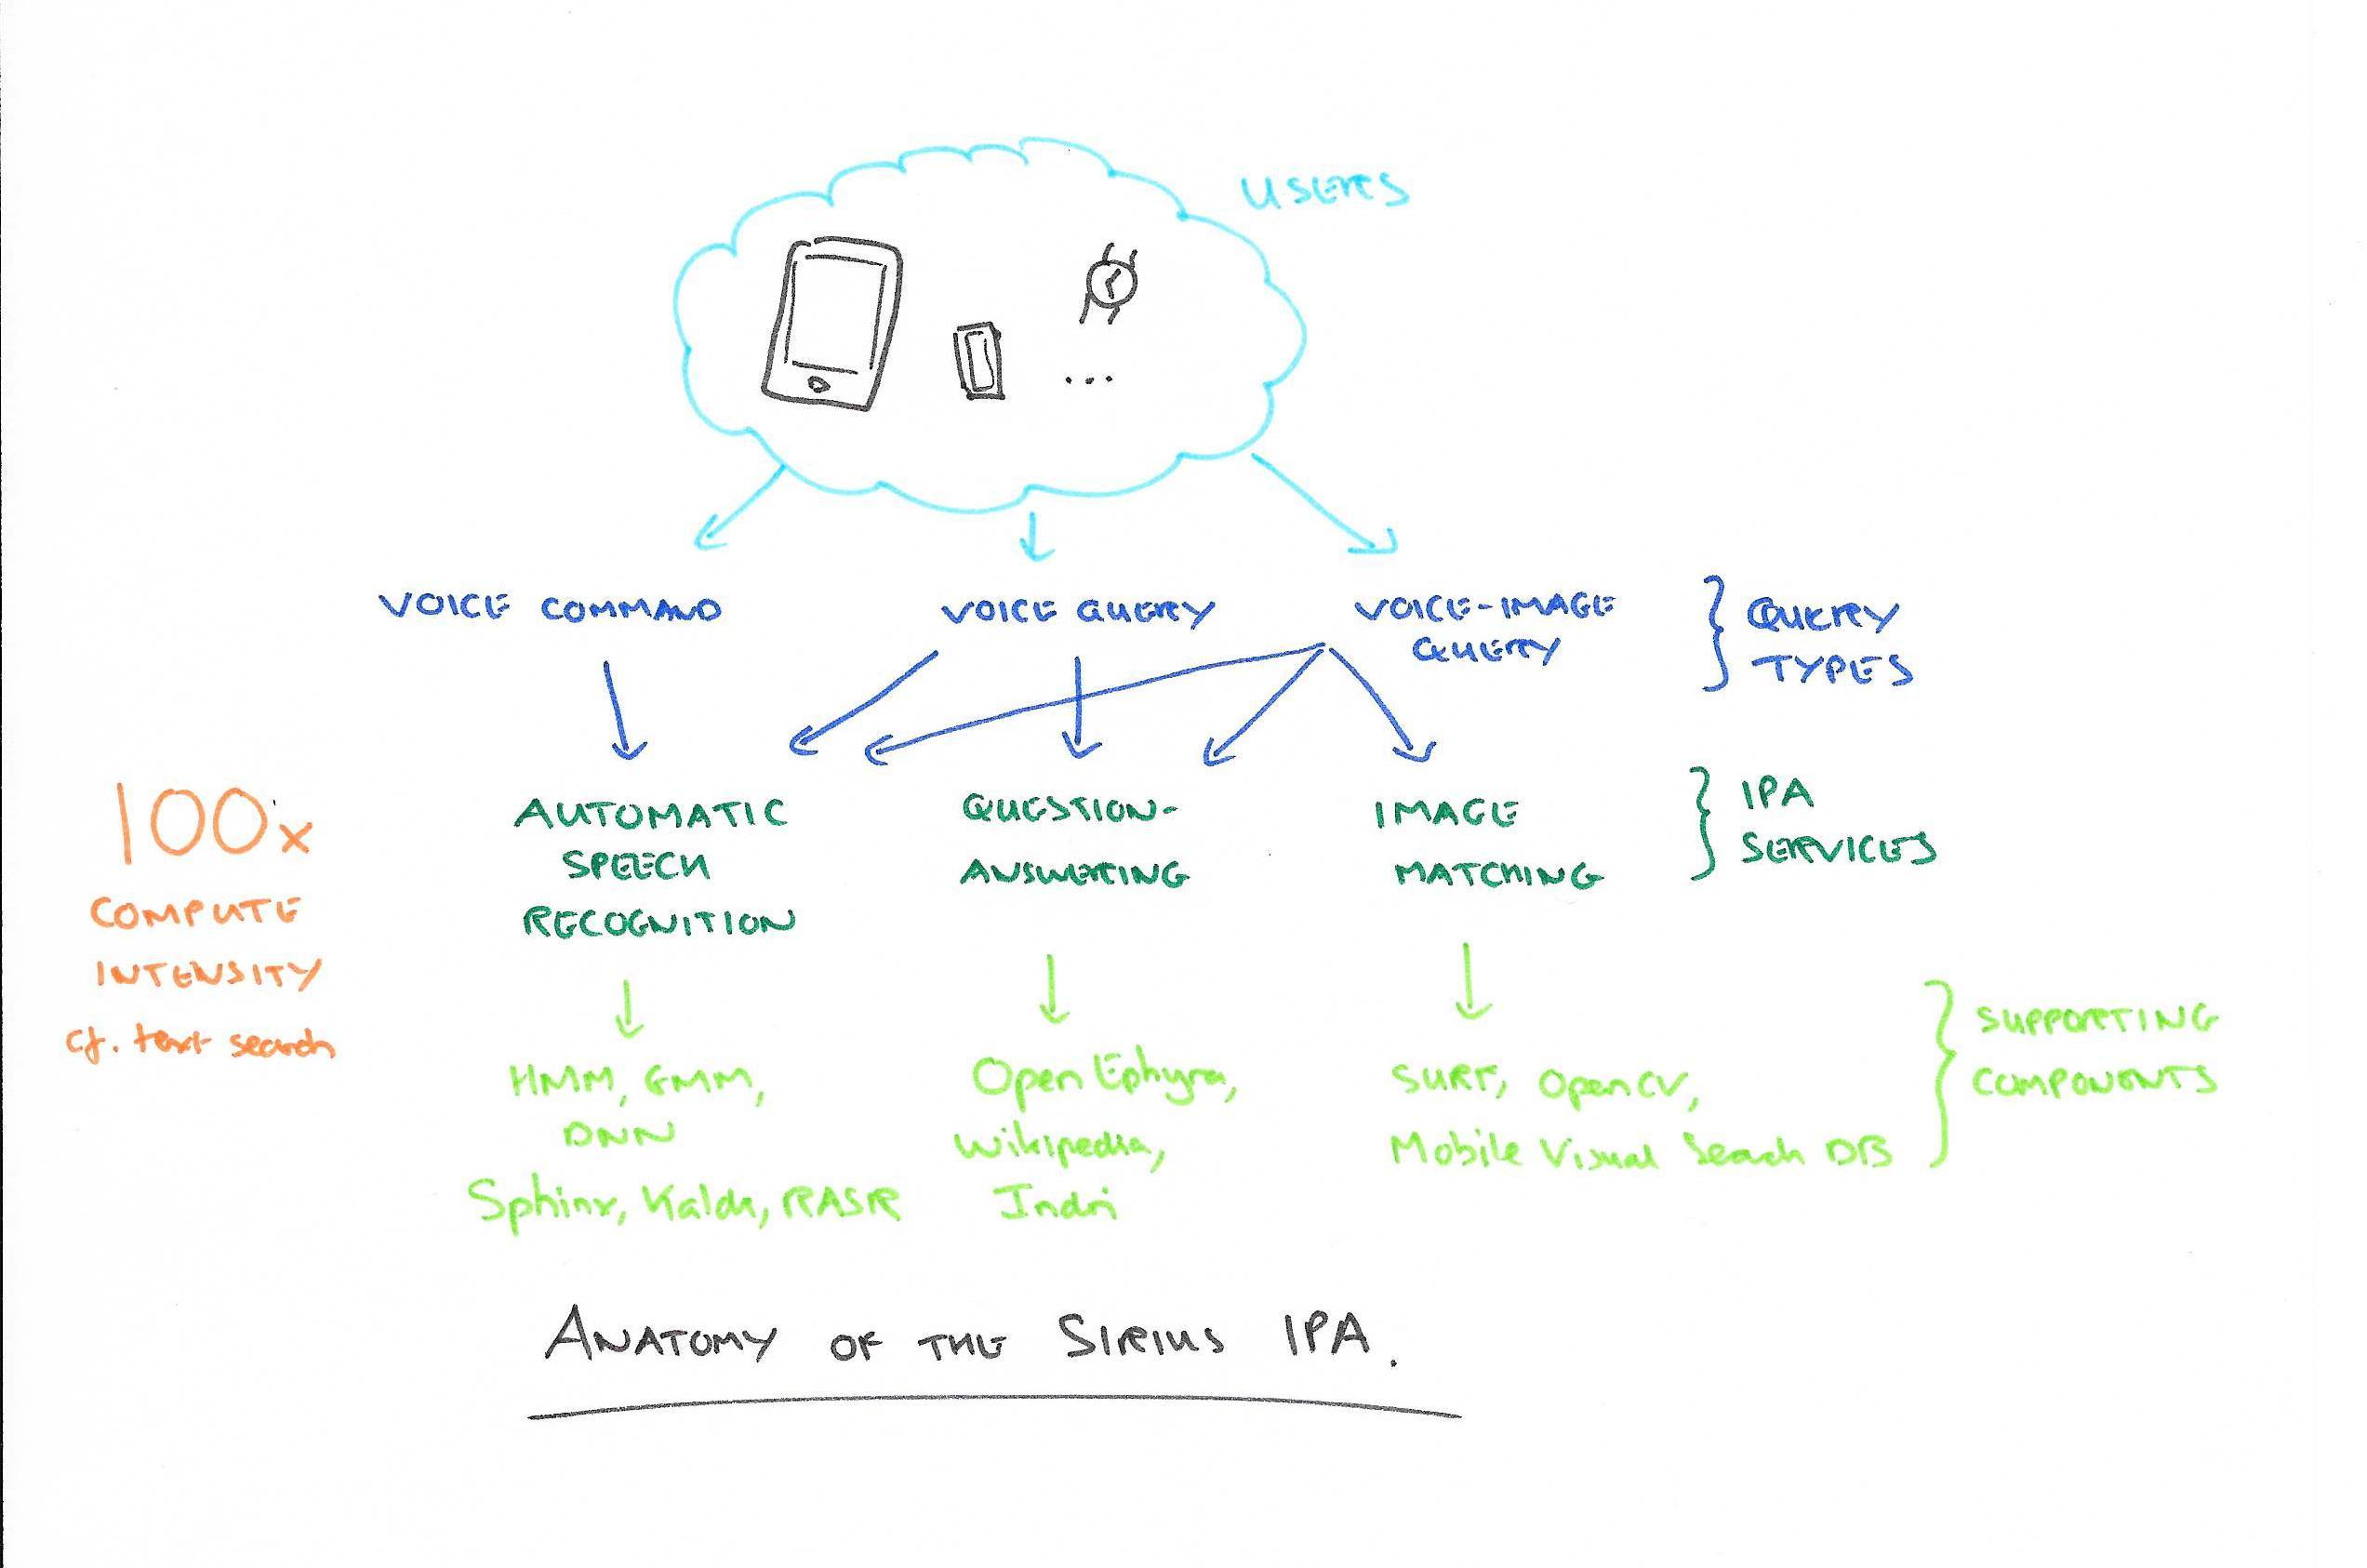 Anatomy of the Sirius IPA